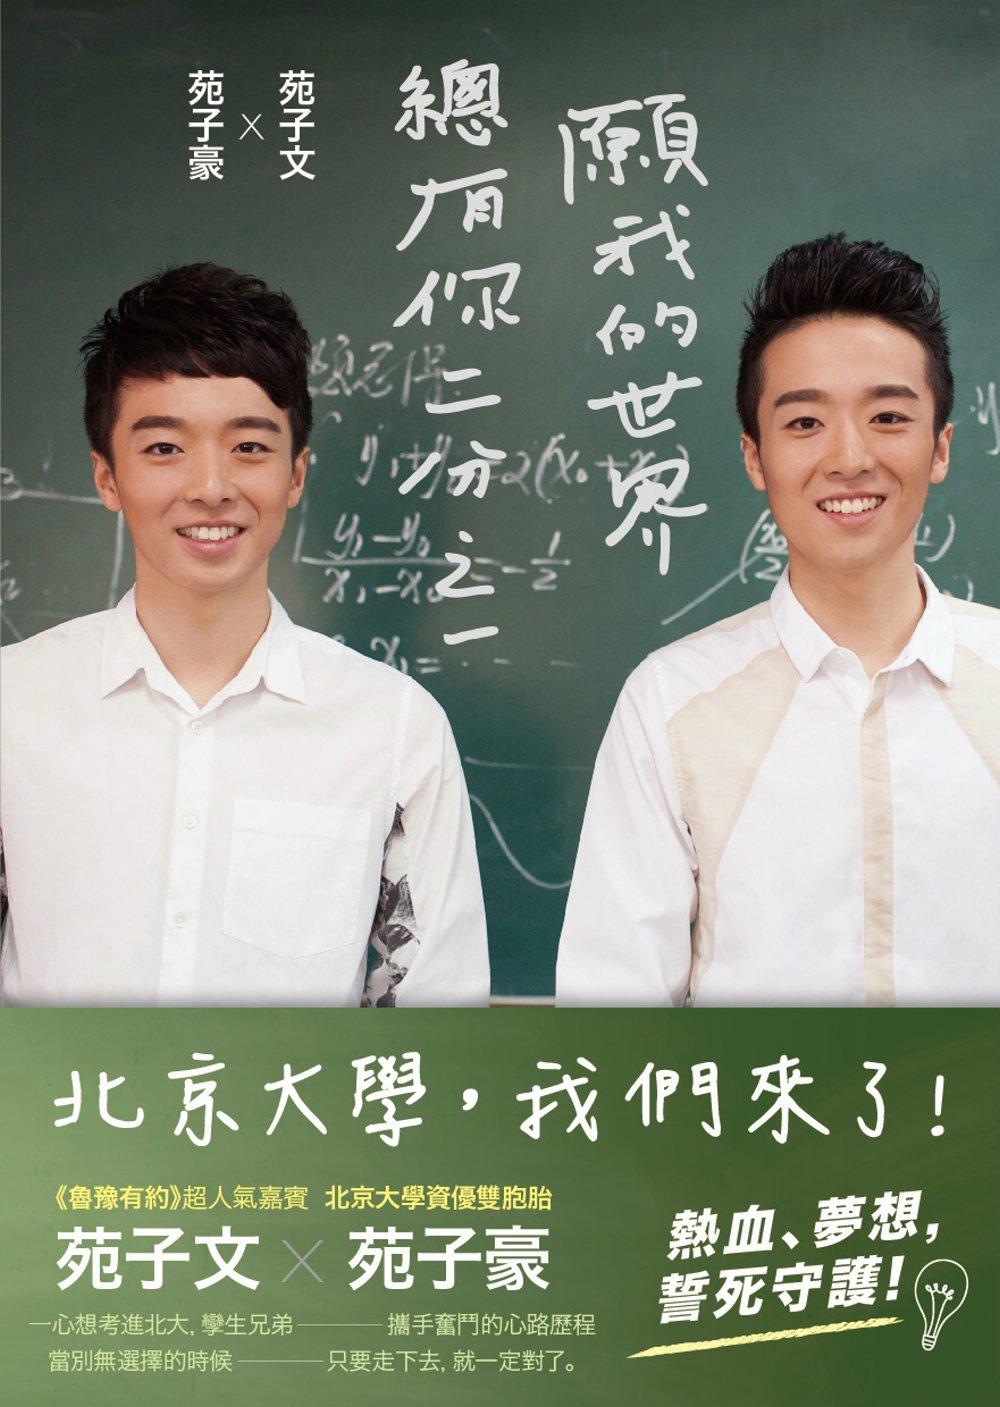 願我的世界總有你的二分之一:北京大學資優雙胞胎苑子豪、苑子文奮鬥之路